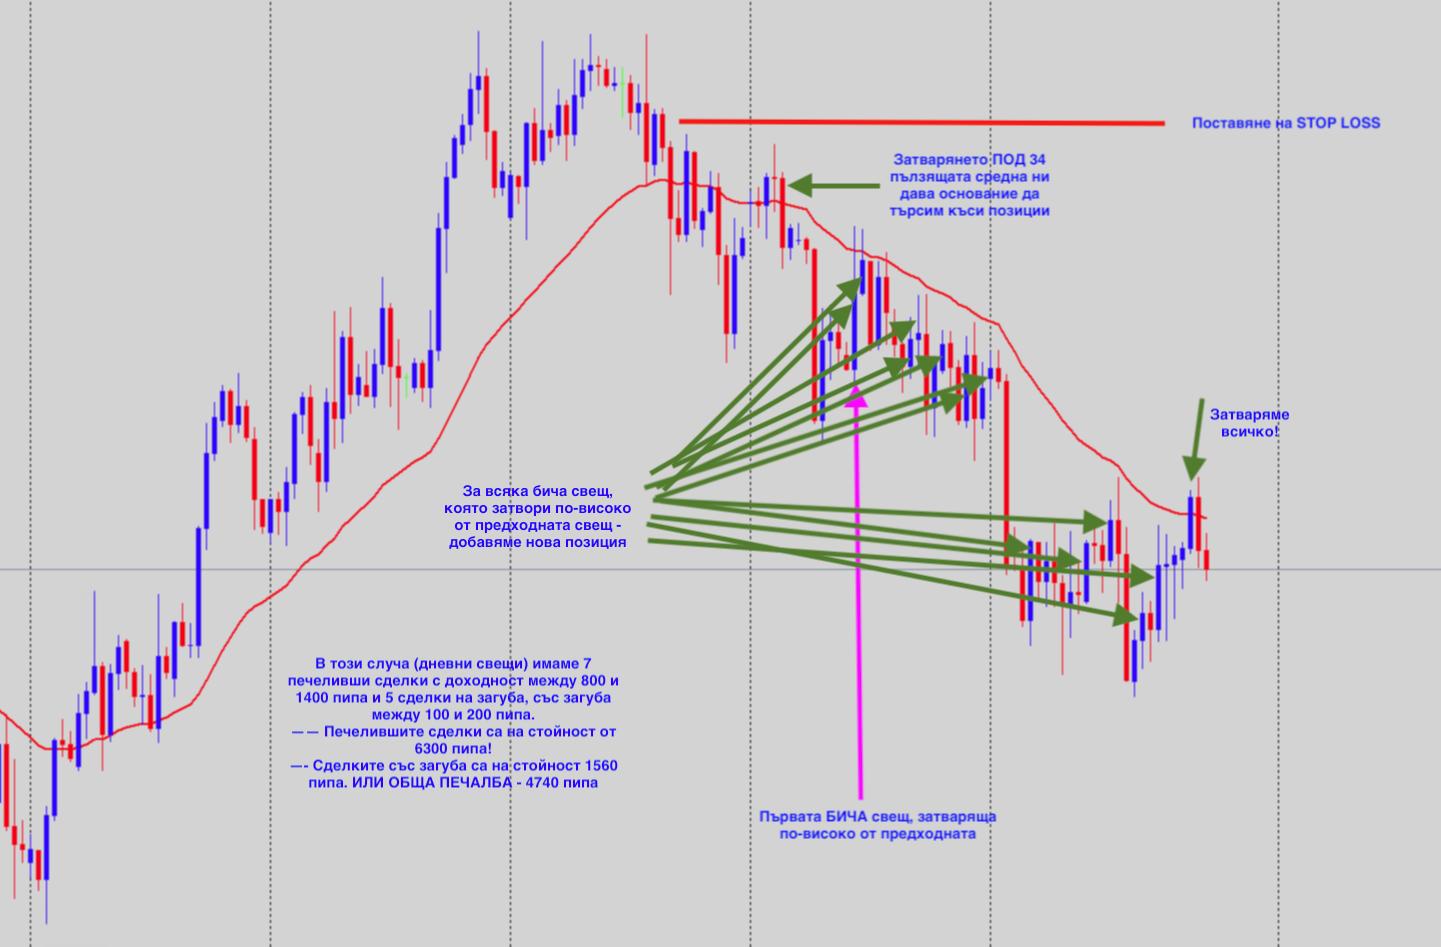 Стратегия за търгуване по време на силен тренд с добавяни позиции